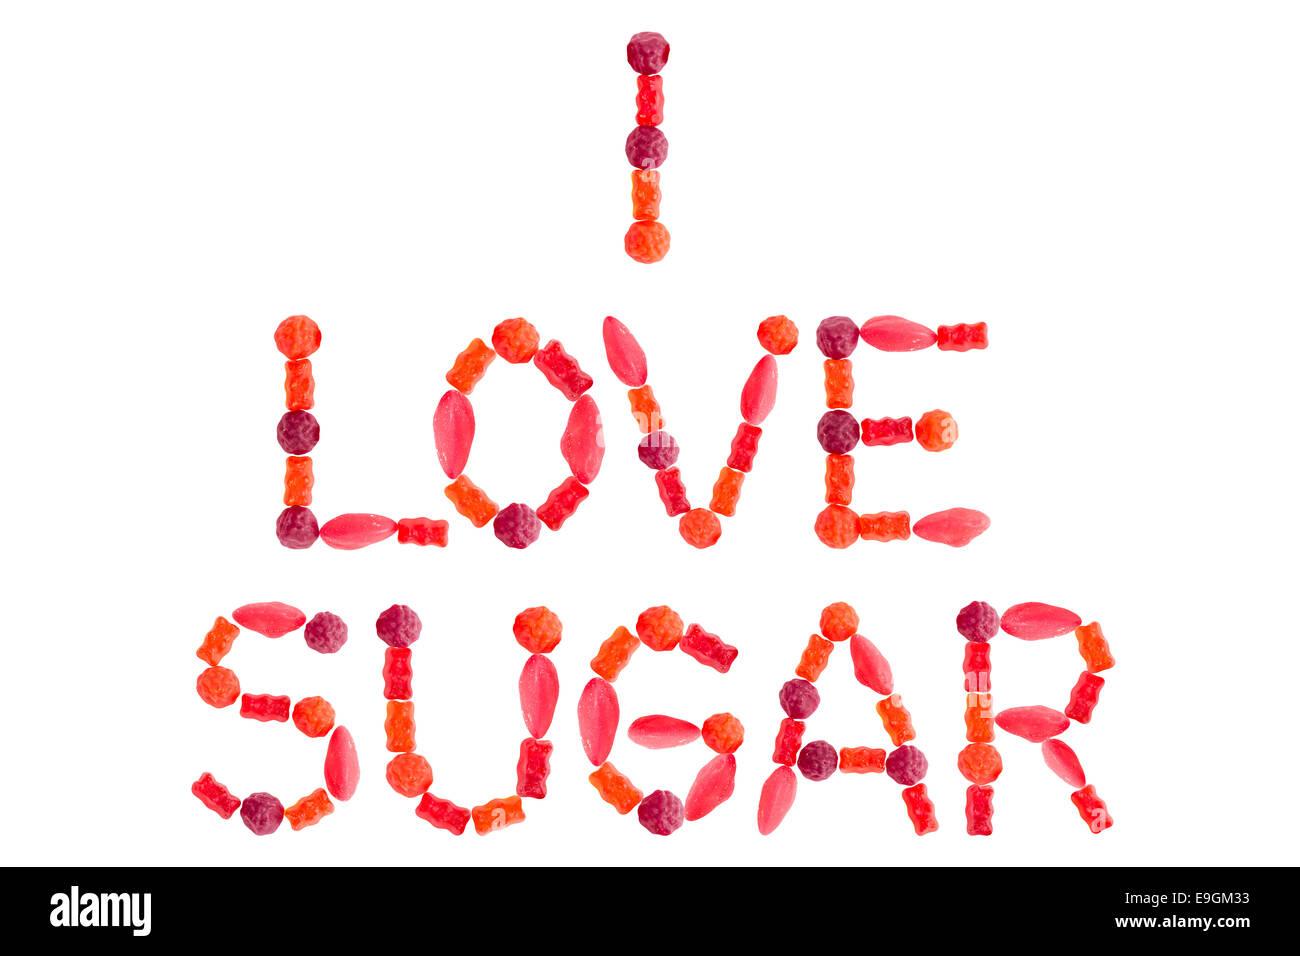 Me Encanta La Frase Hecha De Azúcar Caramelos Dulces Rojos